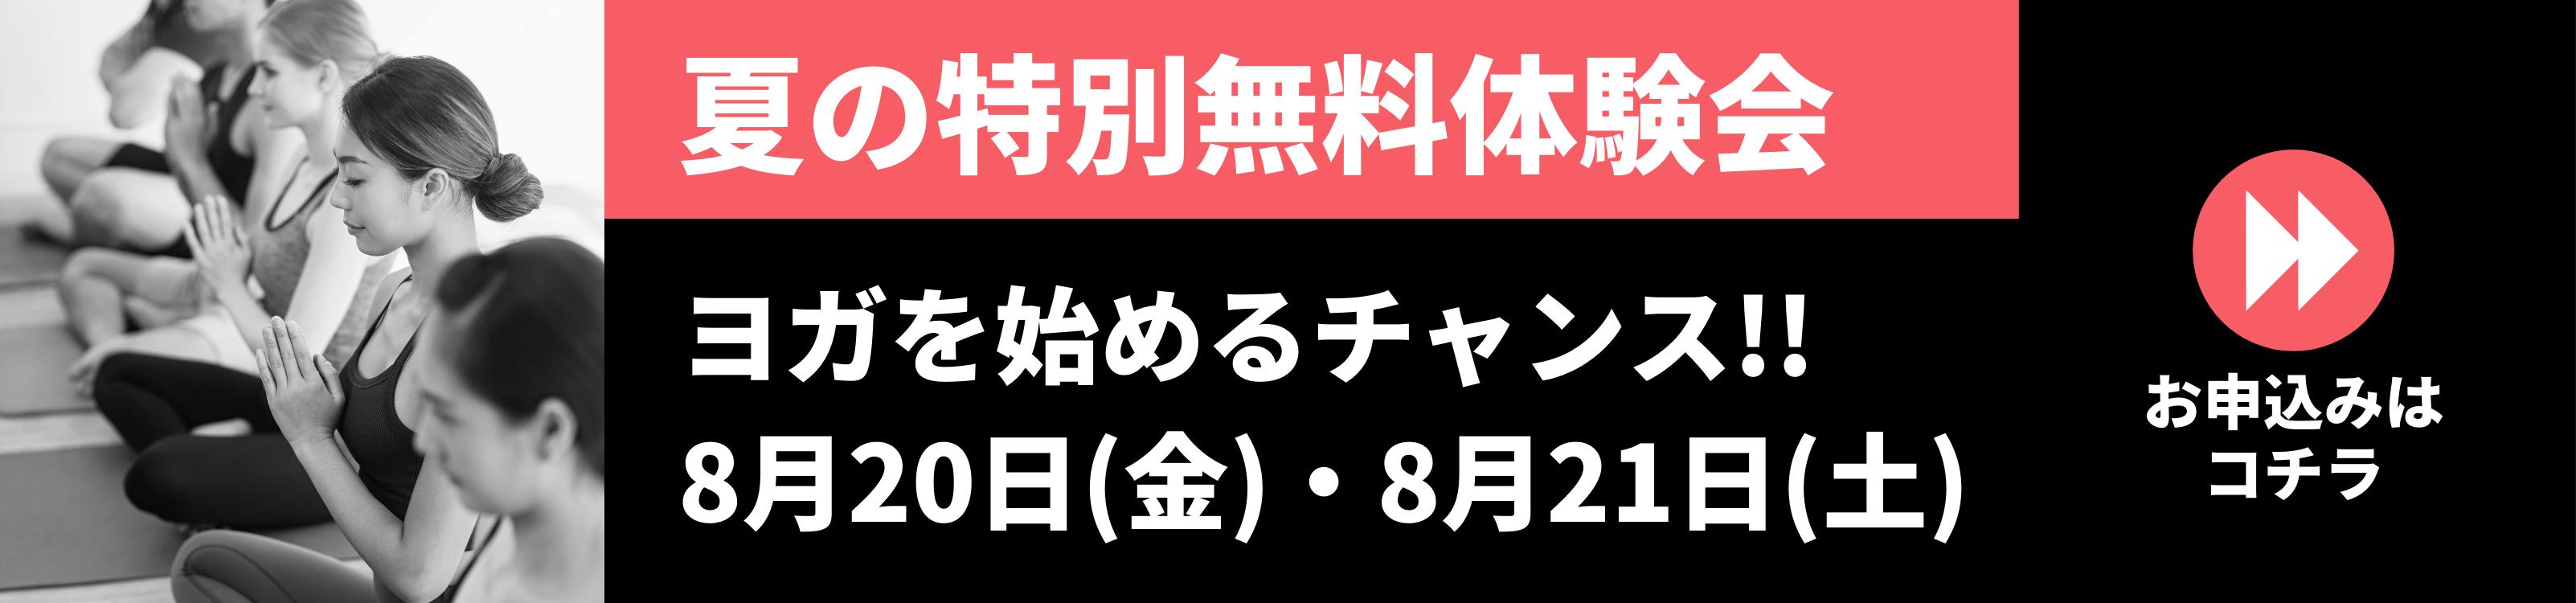 イベント開催情報!!